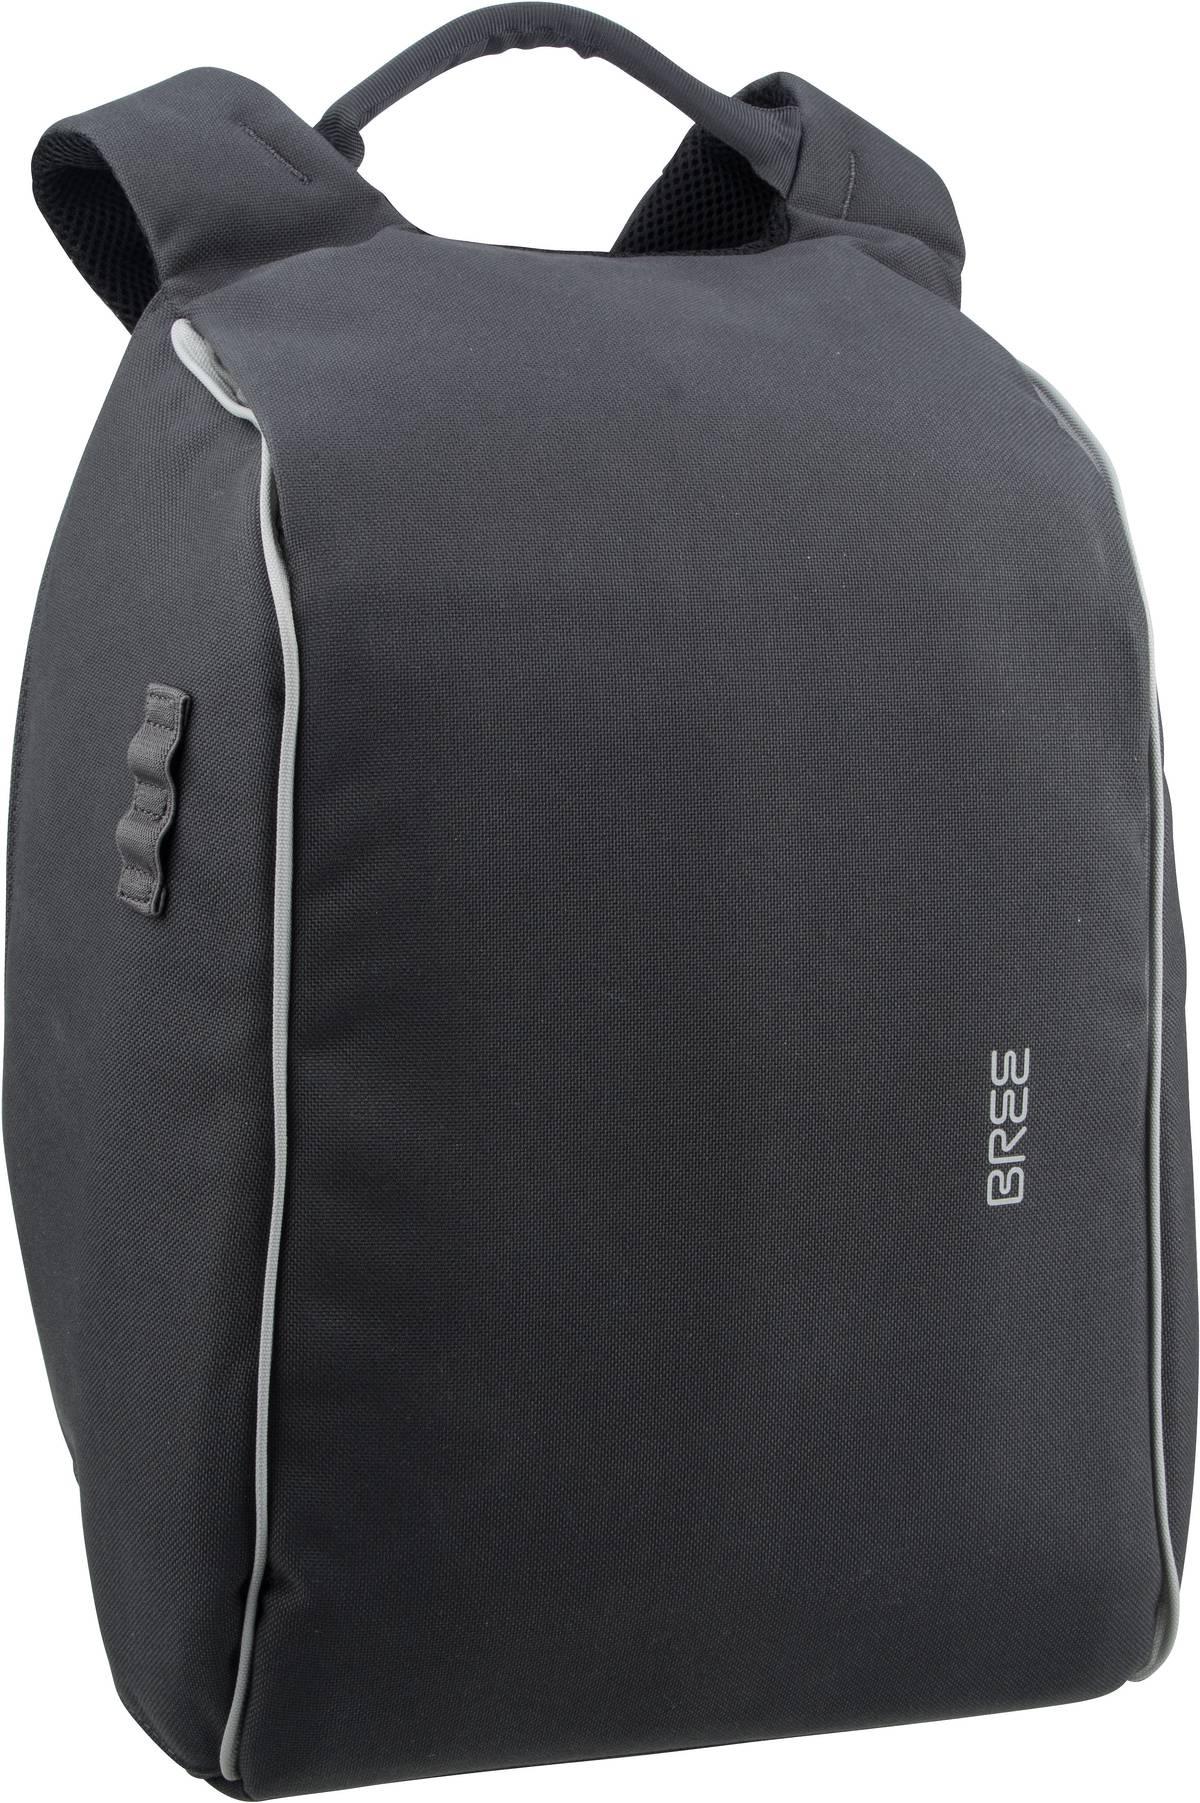 Laptoprucksack Punch Urban Traveller 1 Dark Grey (19 Liter)